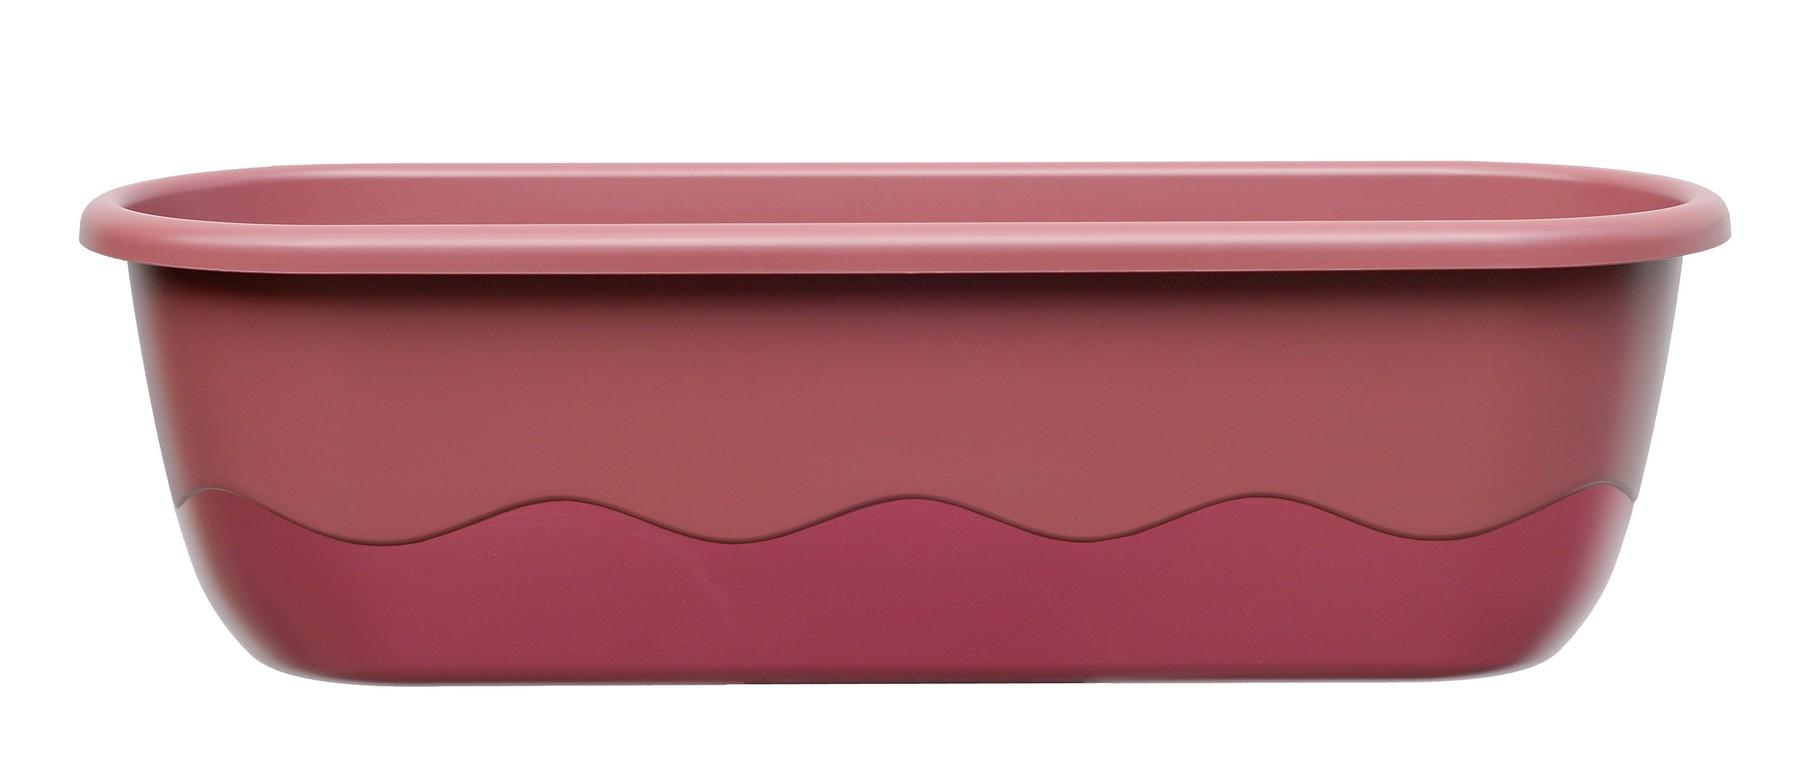 Samozavlažovací truhlík MARETA 60, růžová tmavá + vínová